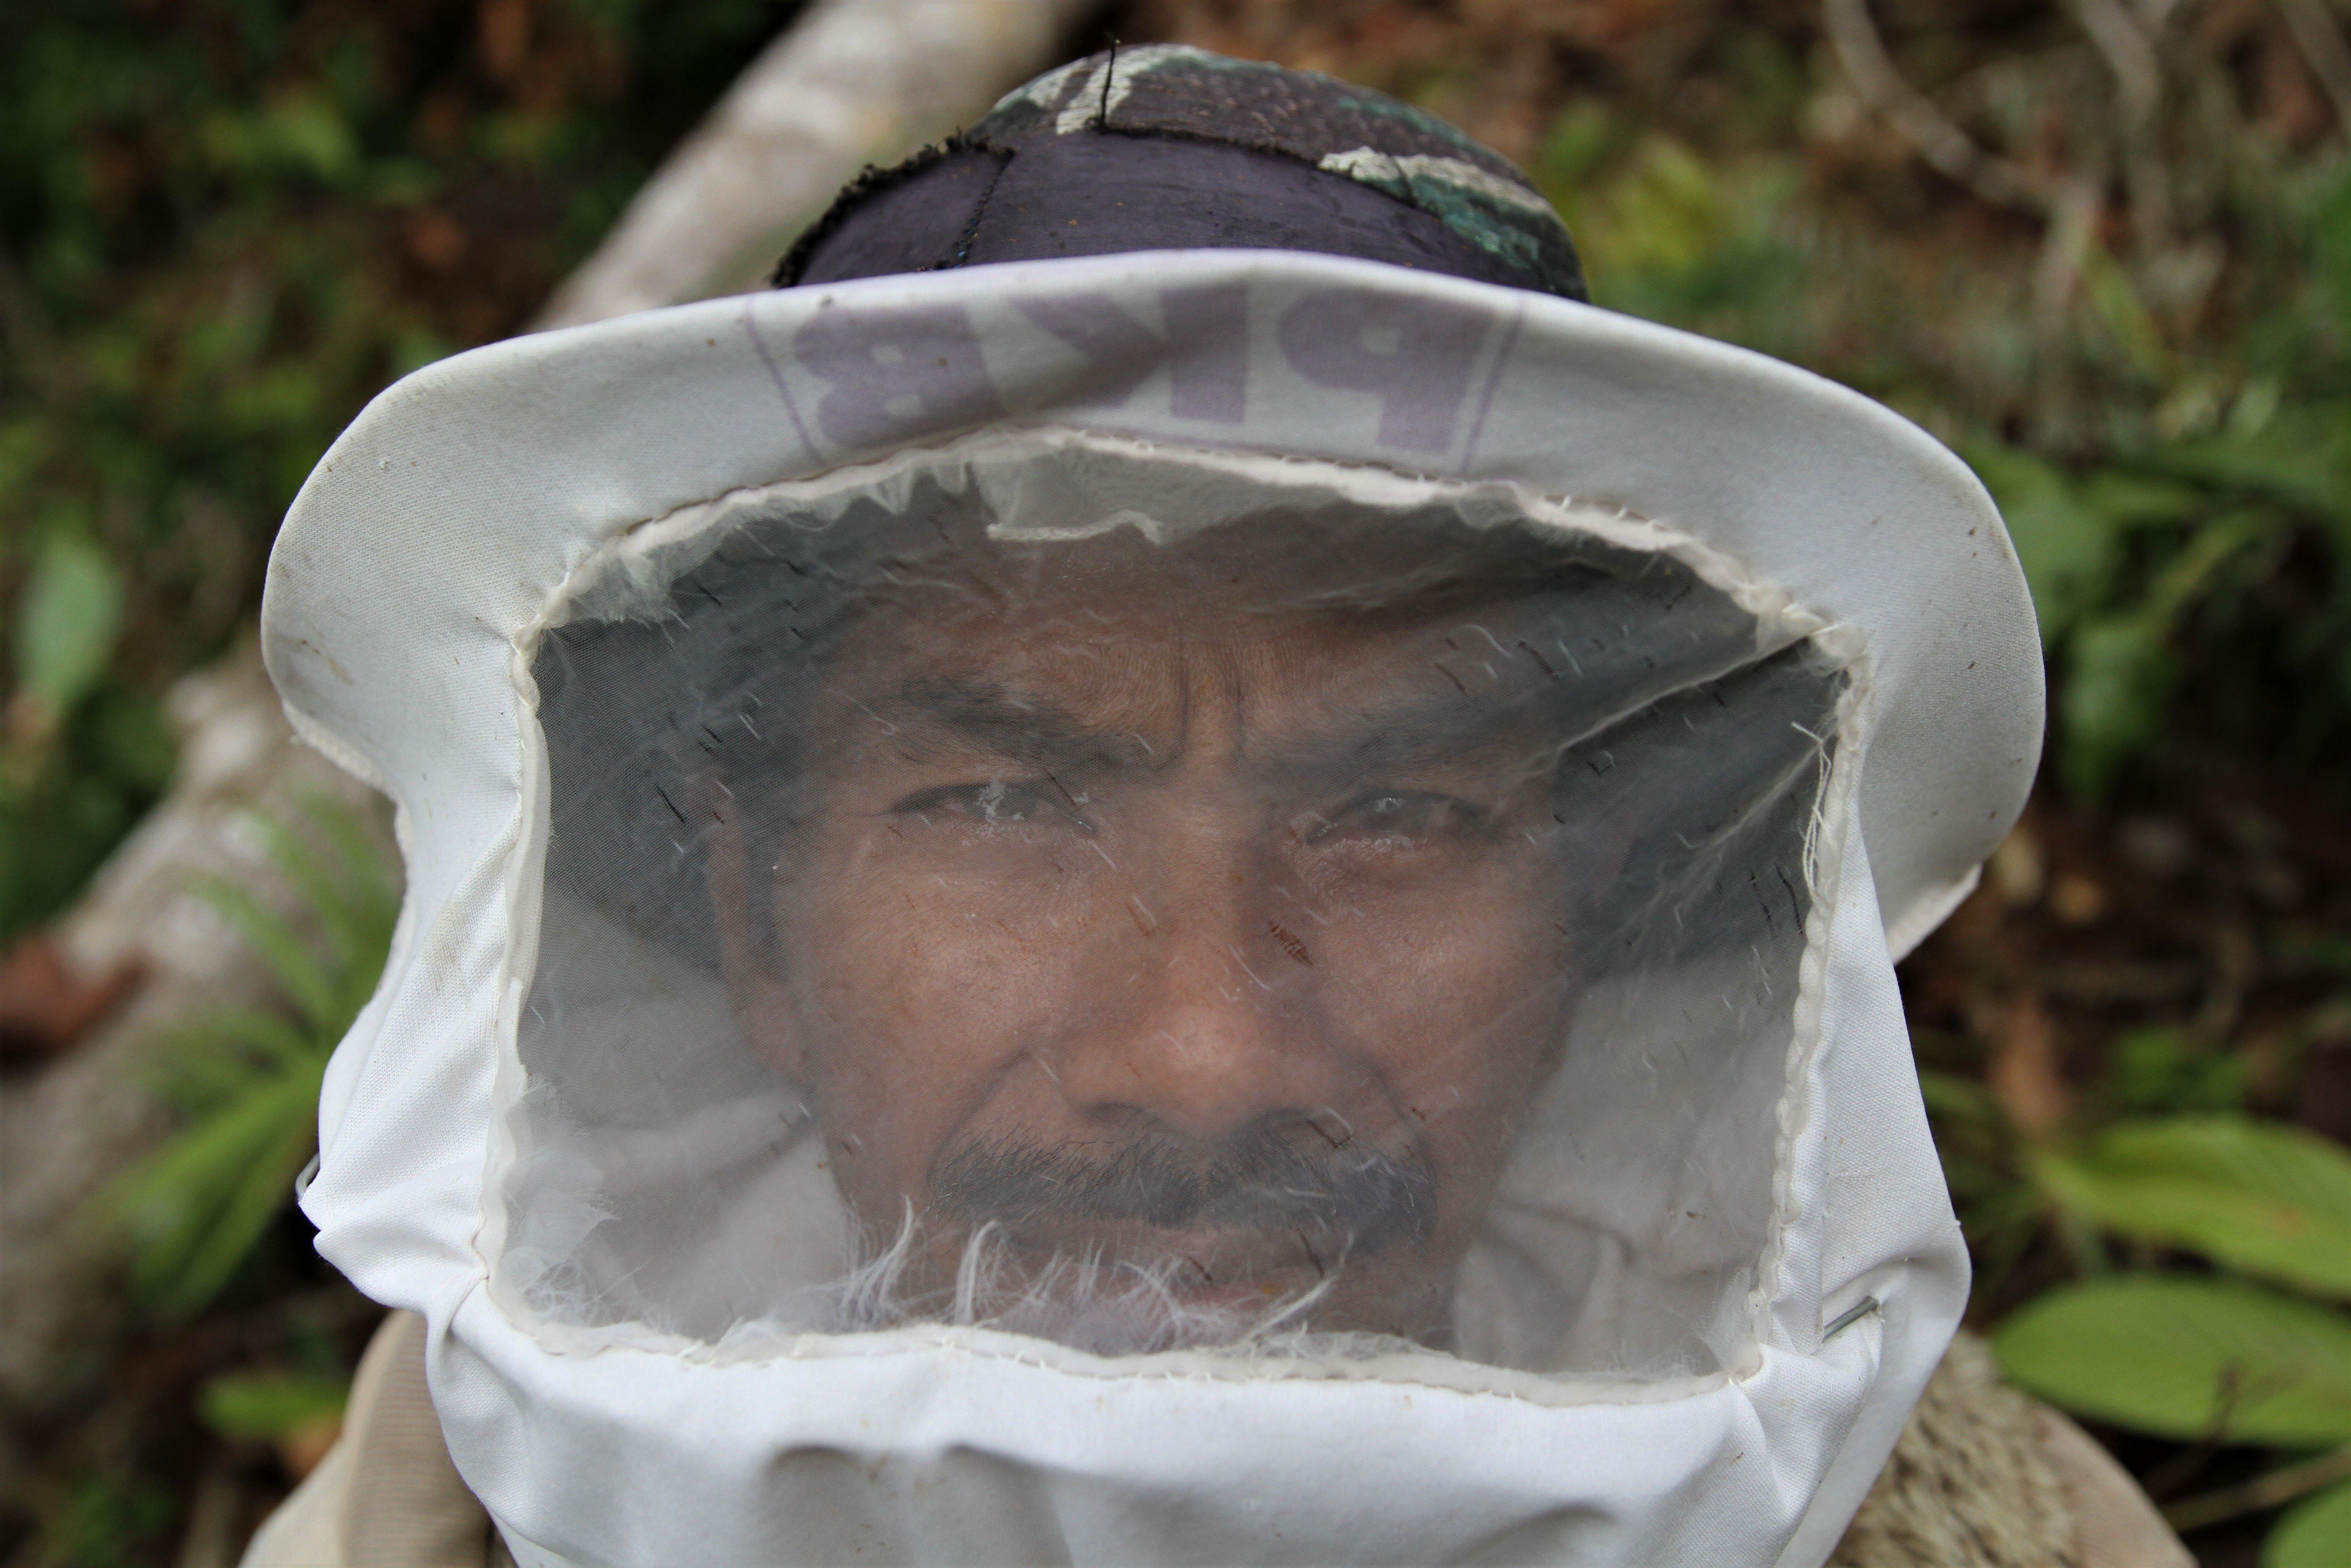 Triono mengenakan pengaman yang dibuatnya sendiri agar terhindar dari sengatan lebah tawong gong saat berada di kawasan Gunung Landono di Desa Landono 2, Kecamatan Landono, Konawe Selatan, Sulawesi Tenggara.